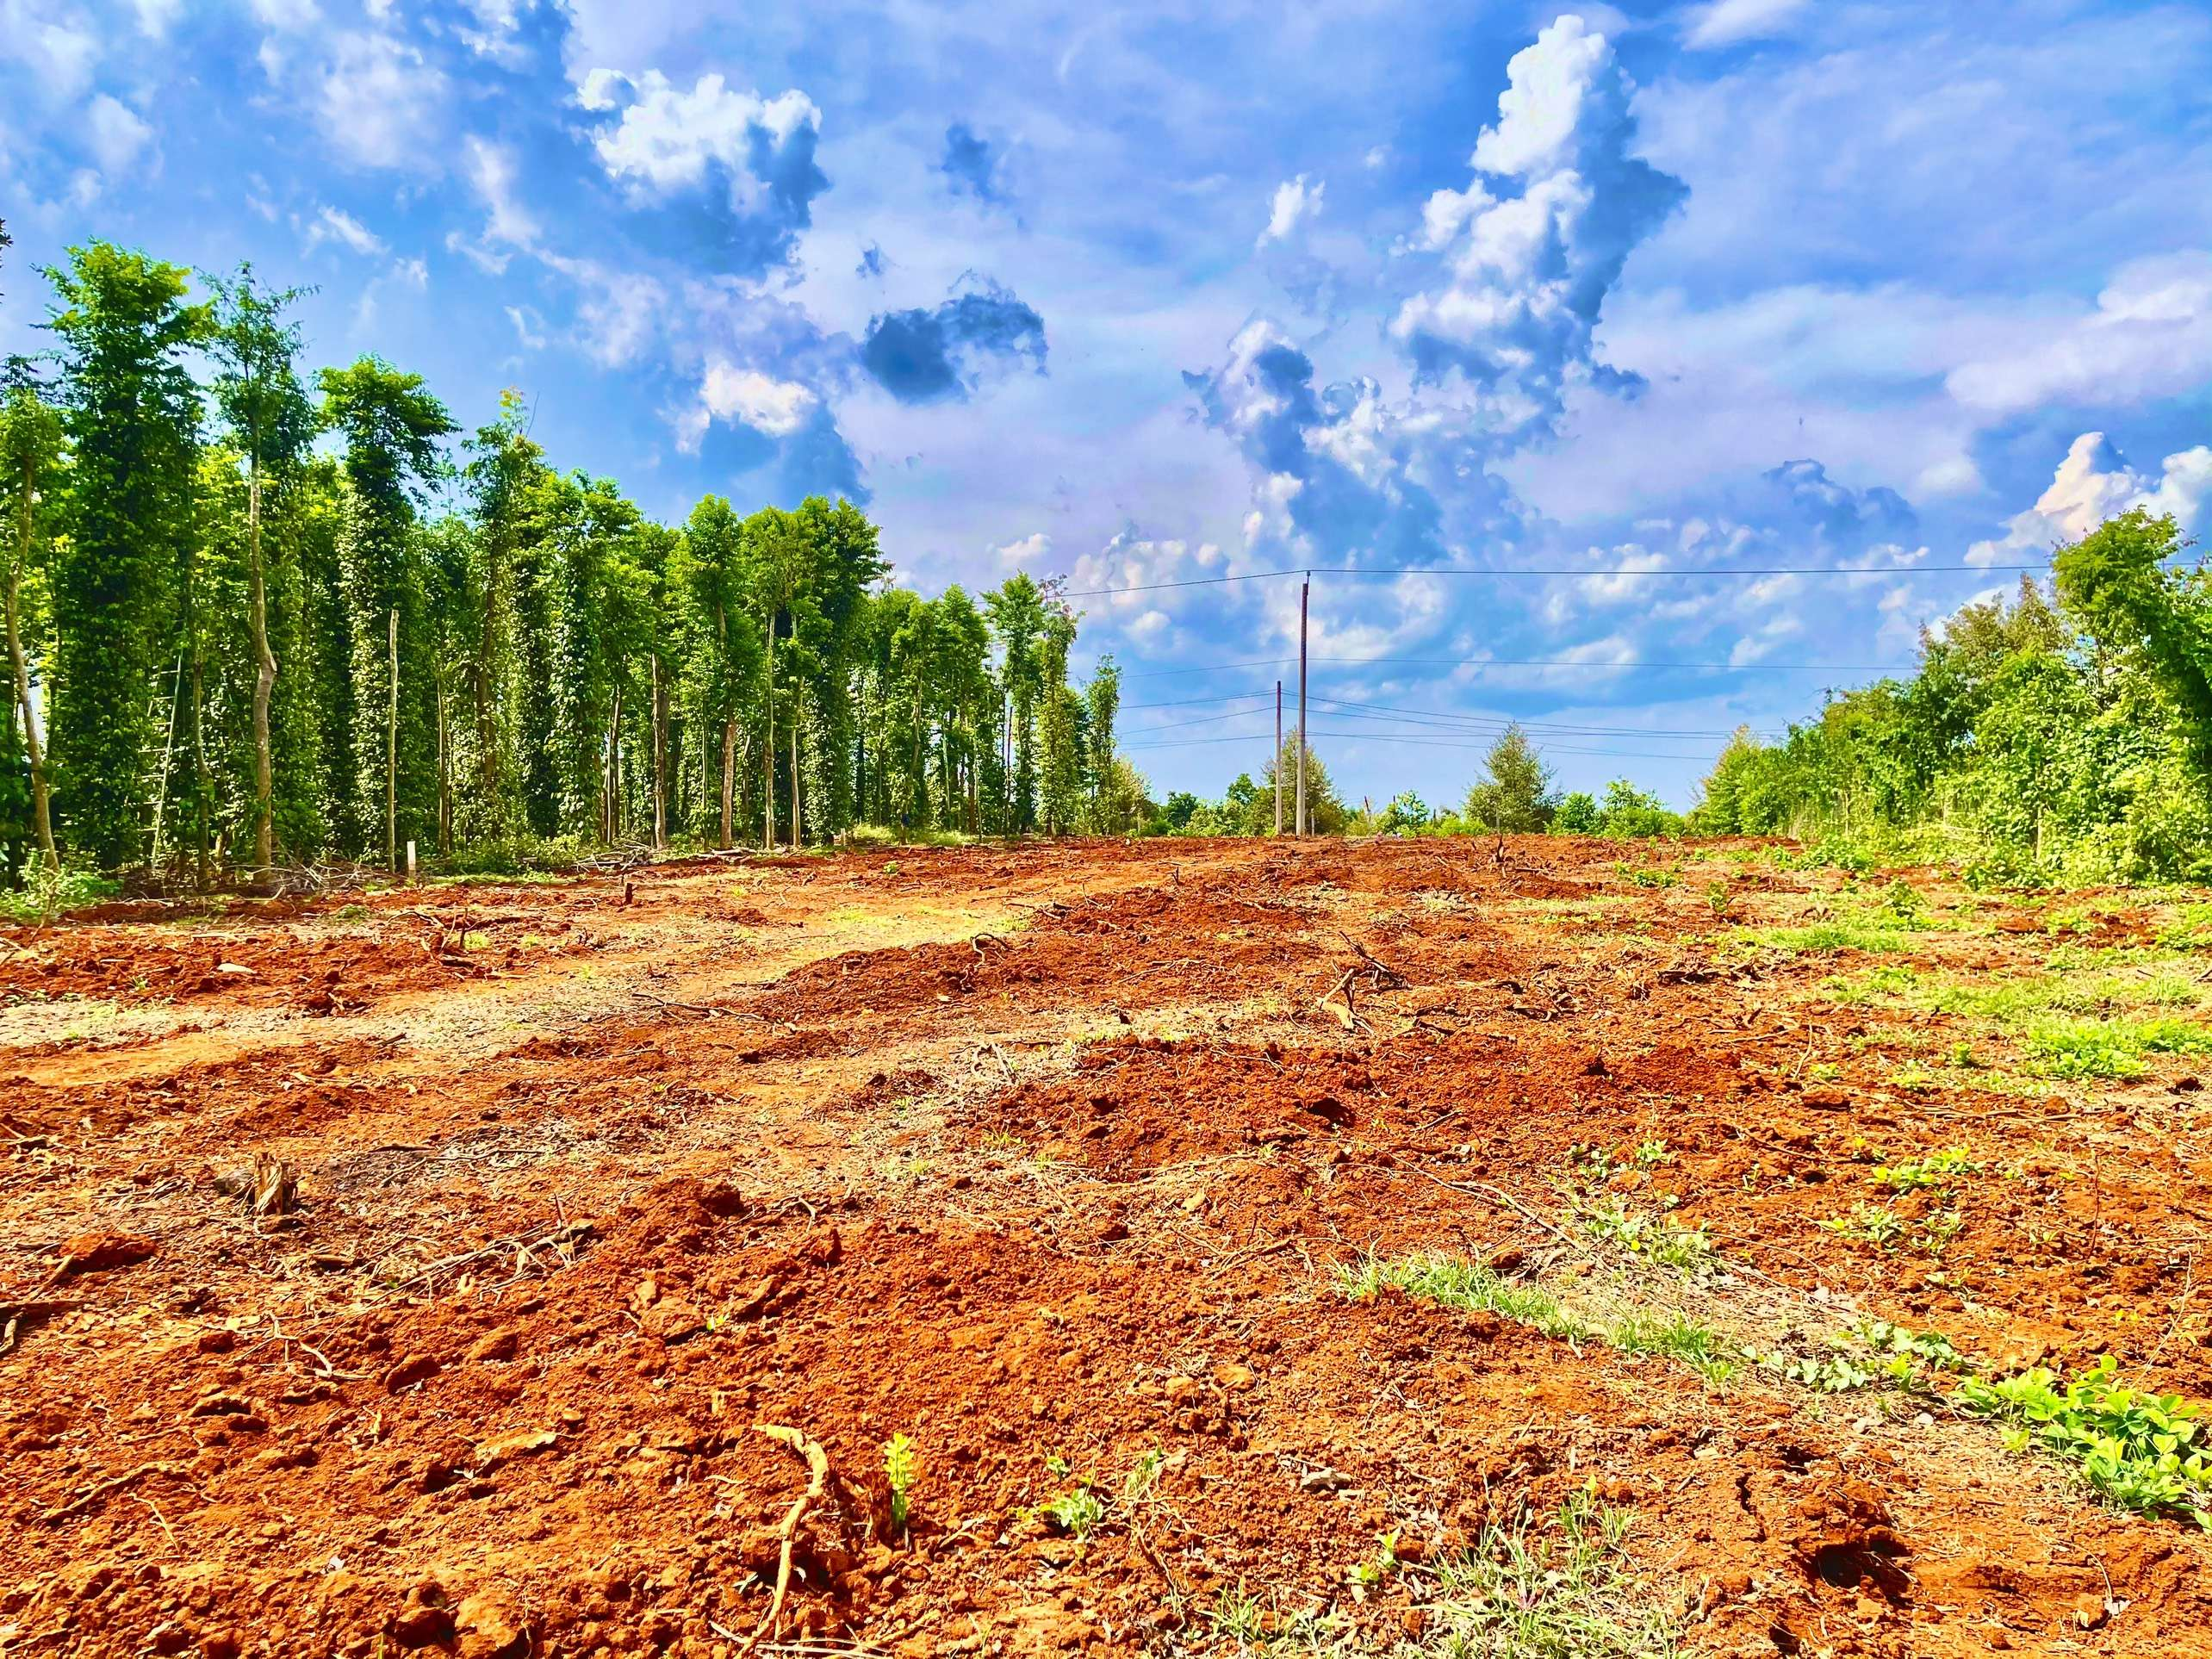 D050 - [GÓC ĐẦU TƯ ] Bán miếng đất đẹp 5884m2 ngay mặt tiền đường nhựa, cách DT765 chỉ 2km, đất nở hậu, mọi tiện nghi đầy đủ giá 3.6 tỷ tại Lâm San, Cẩm Mỹ, Đồng Nai